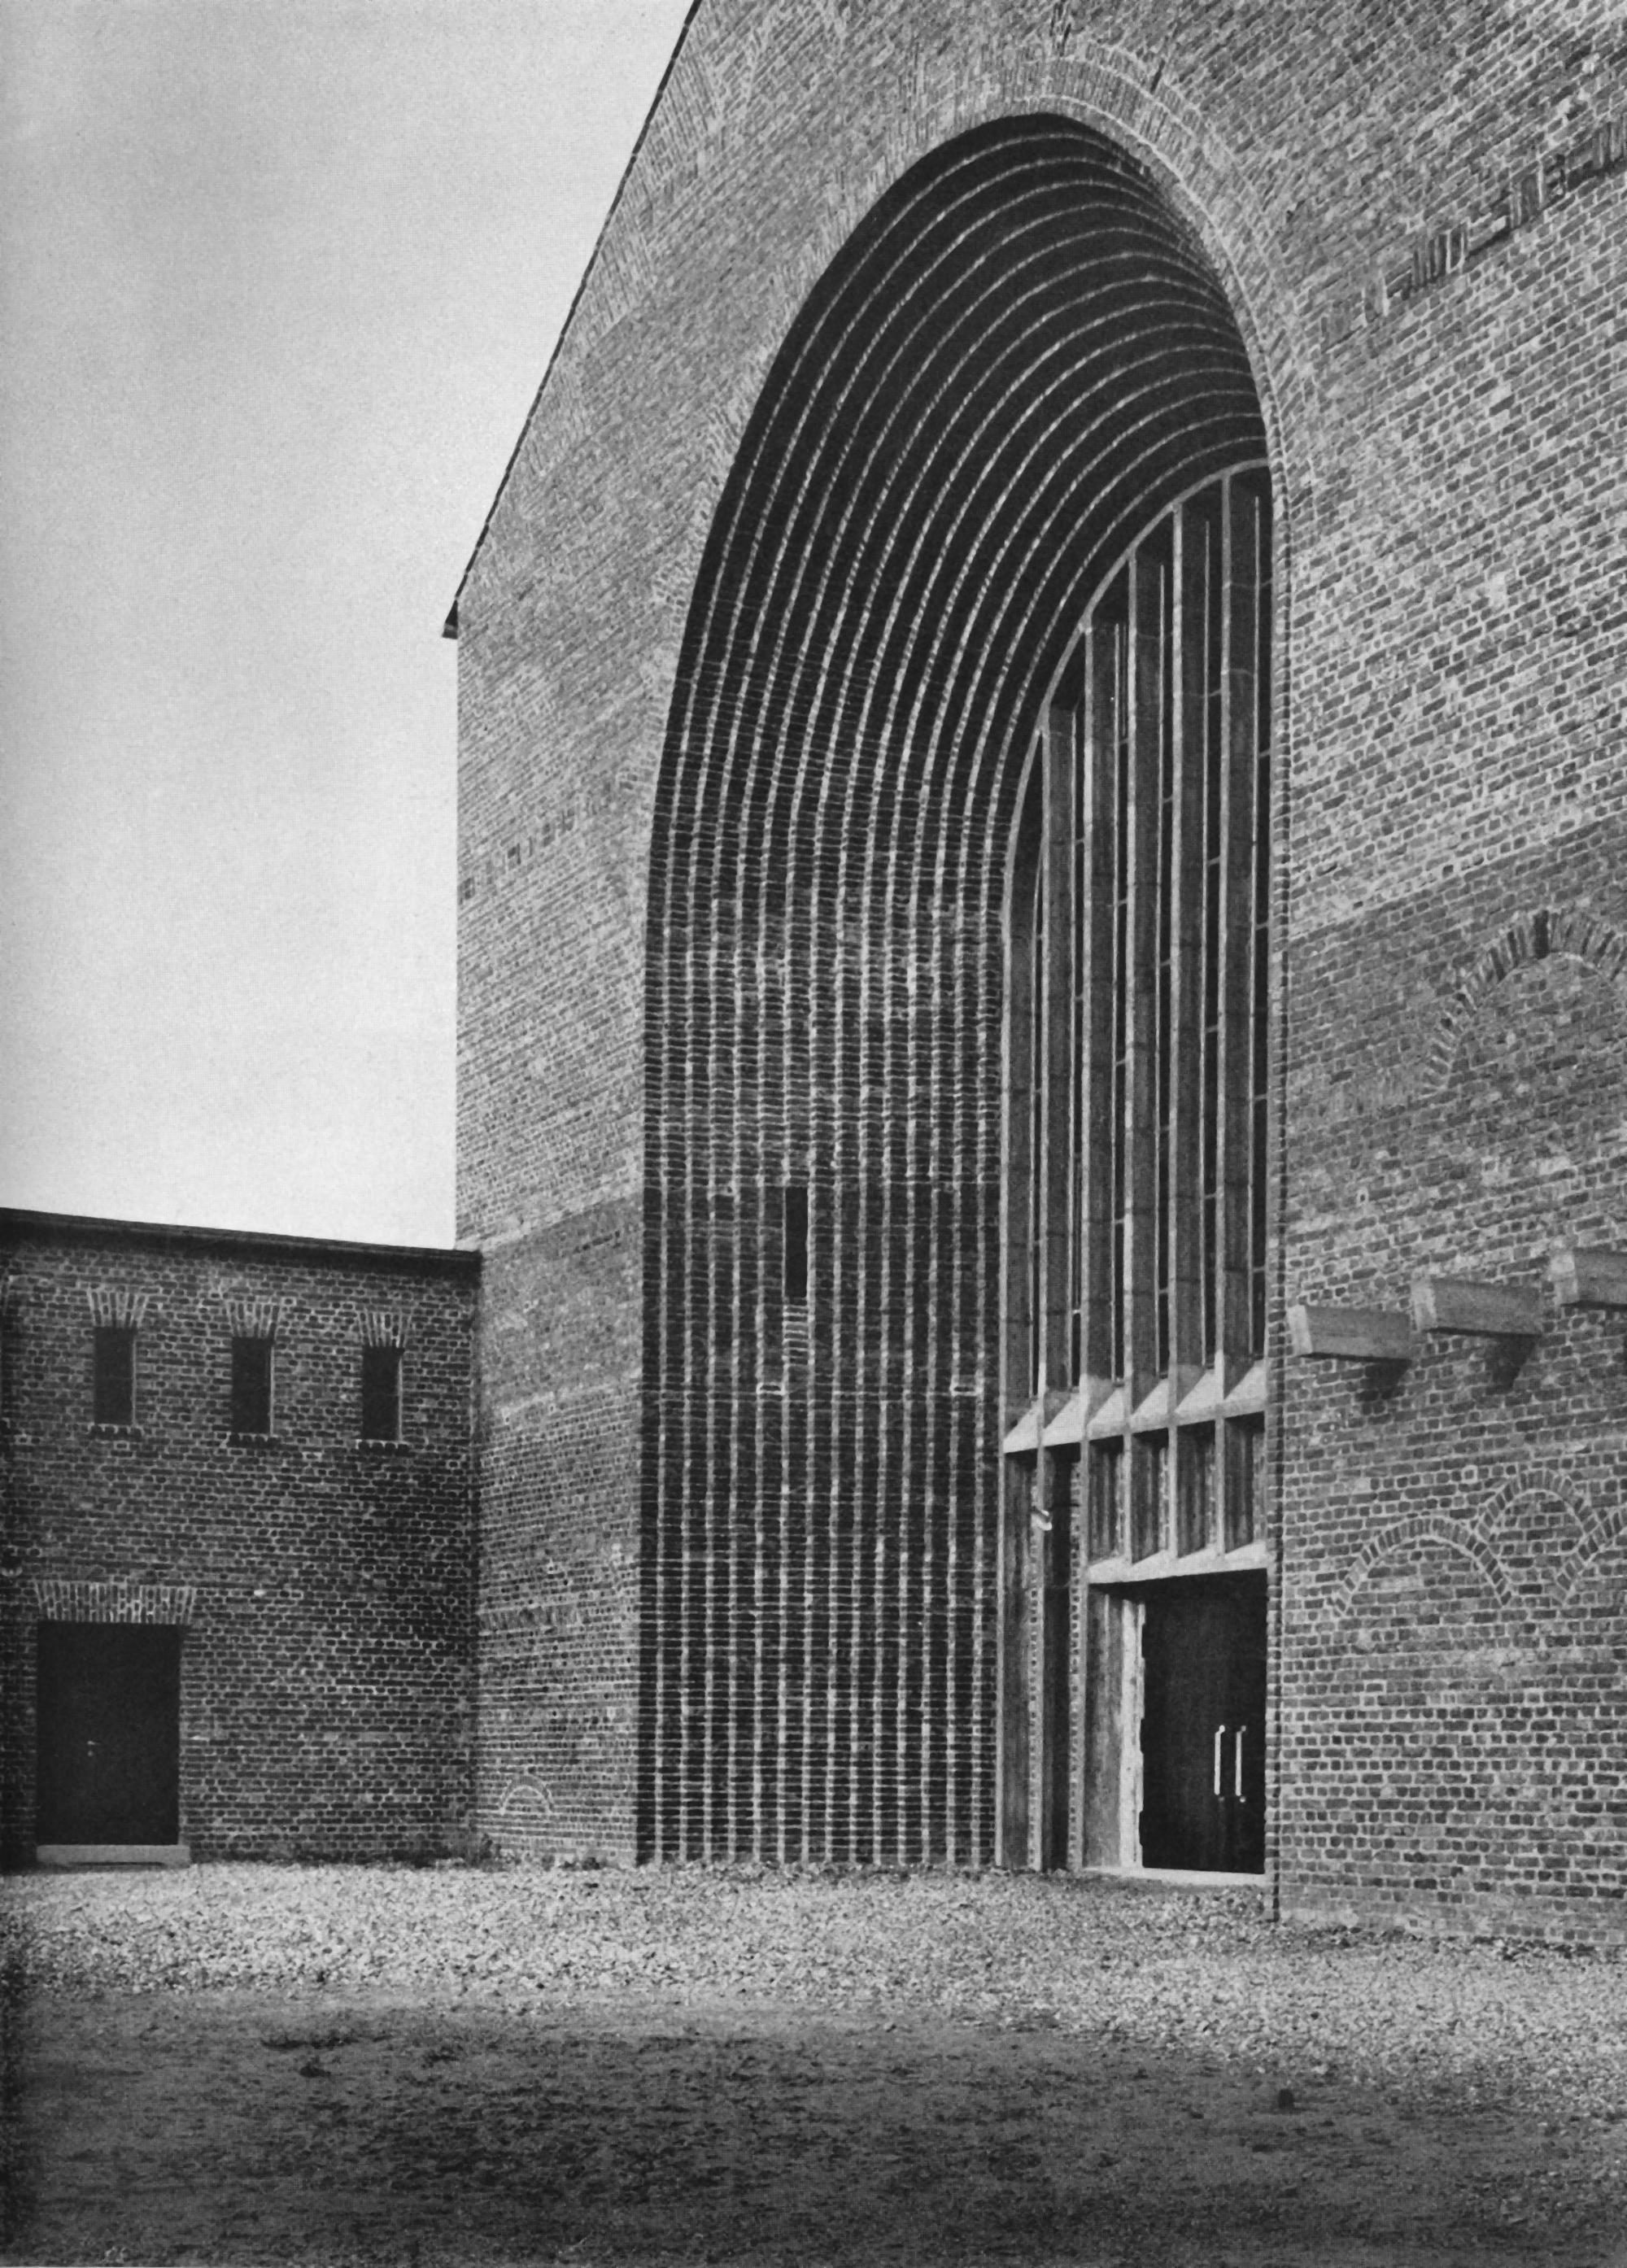 Architekt Leverkusen file christkoenig leverkusen by hugo schmoelz jpg wikimedia commons